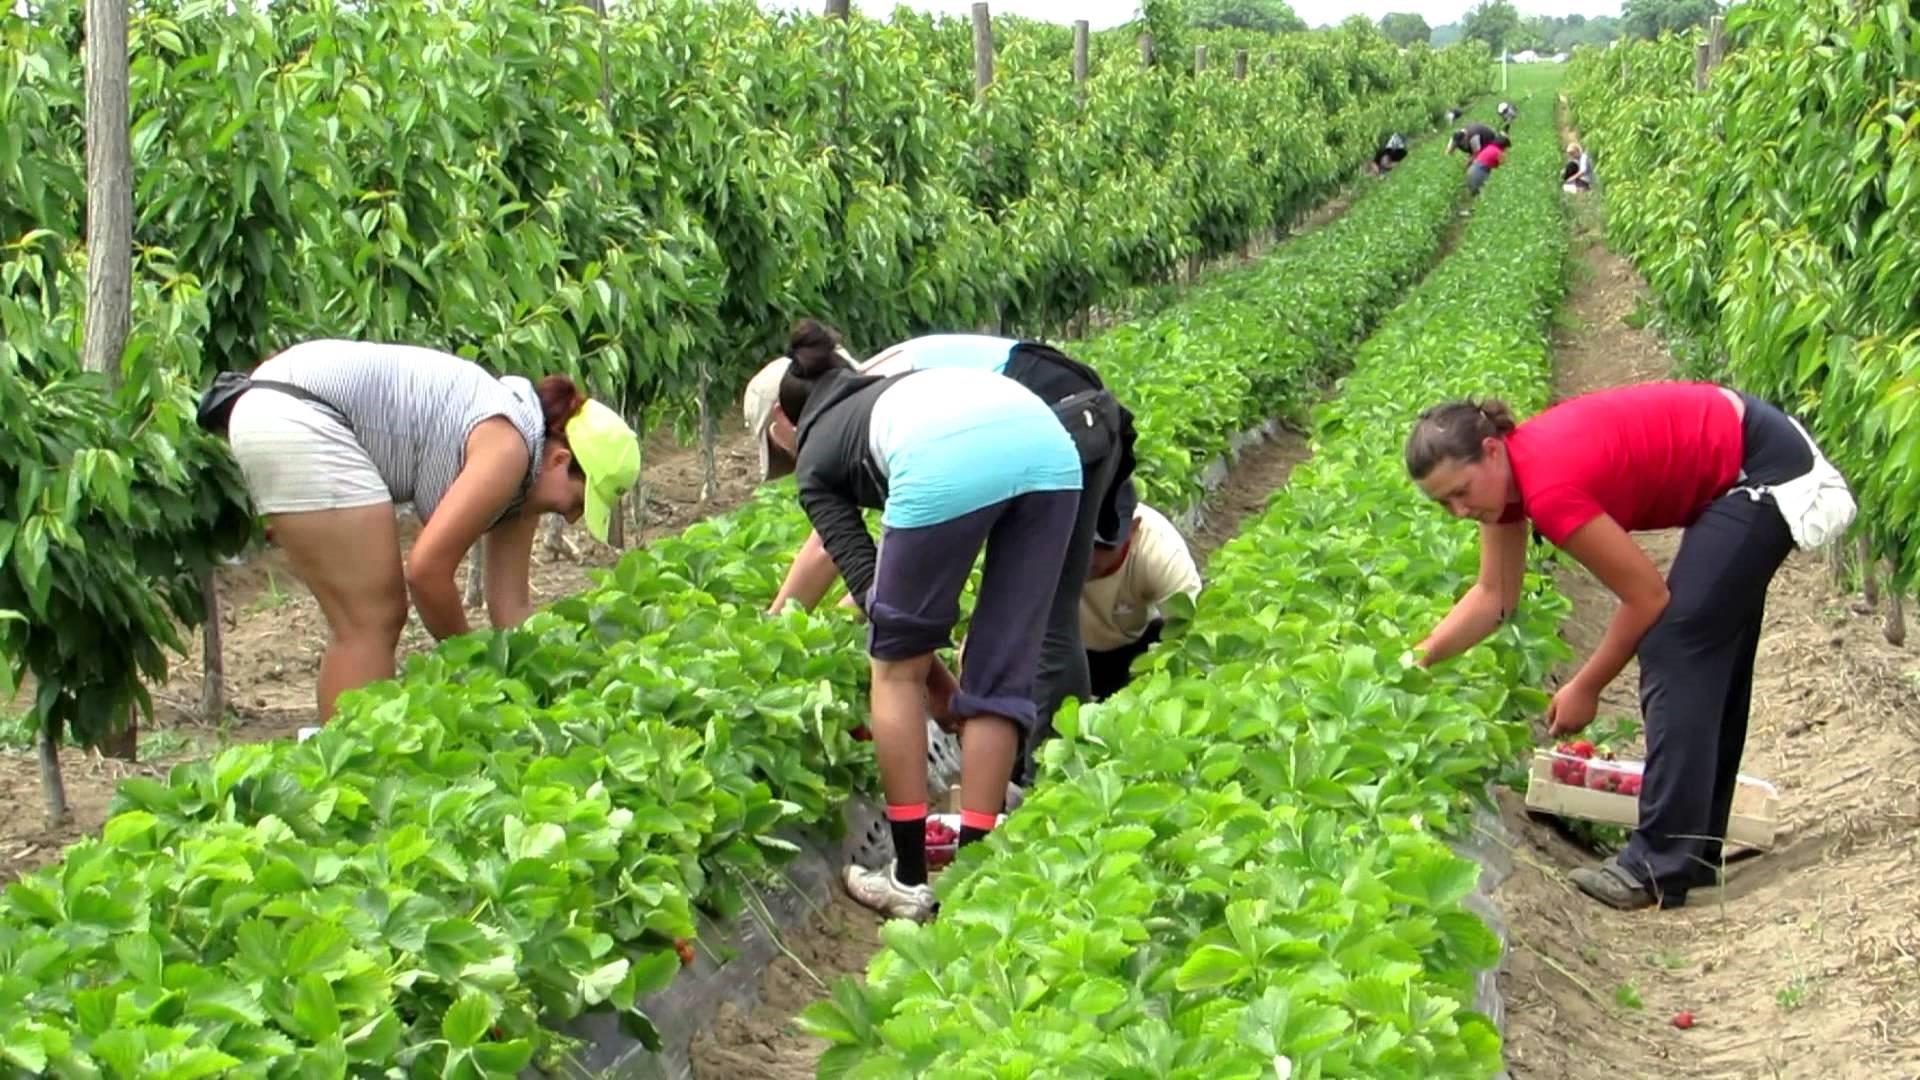 Tình trạng trả lương gian lận cho lao động là người nhập cư, du học sinh gốc châu Á